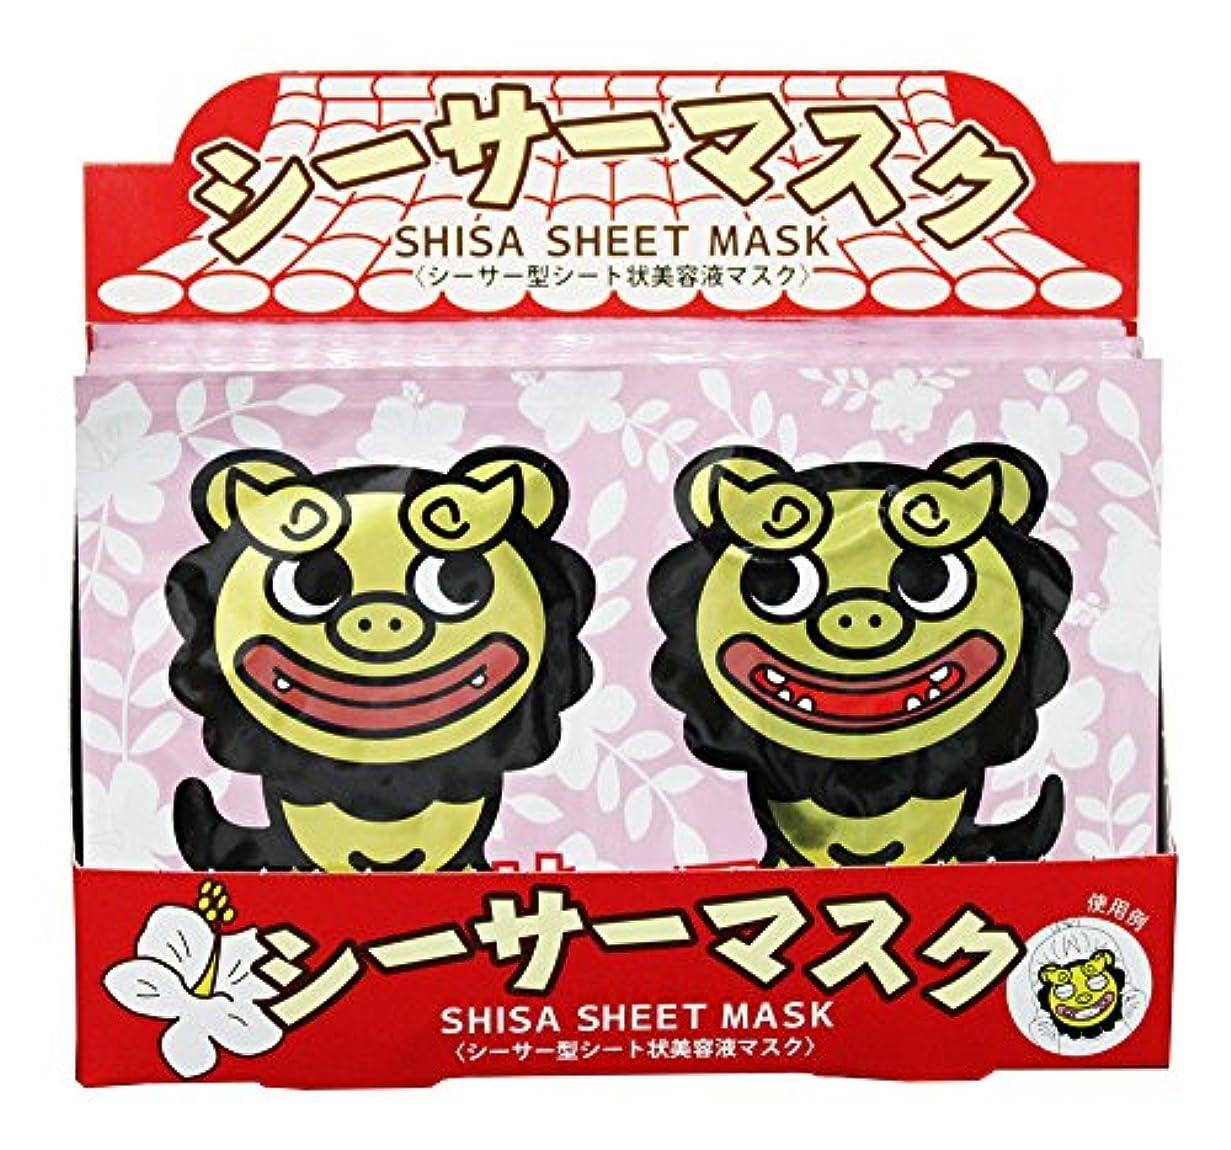 昼間メドレーおもちゃシーサーマスク 20パック(40シート)入り内箱